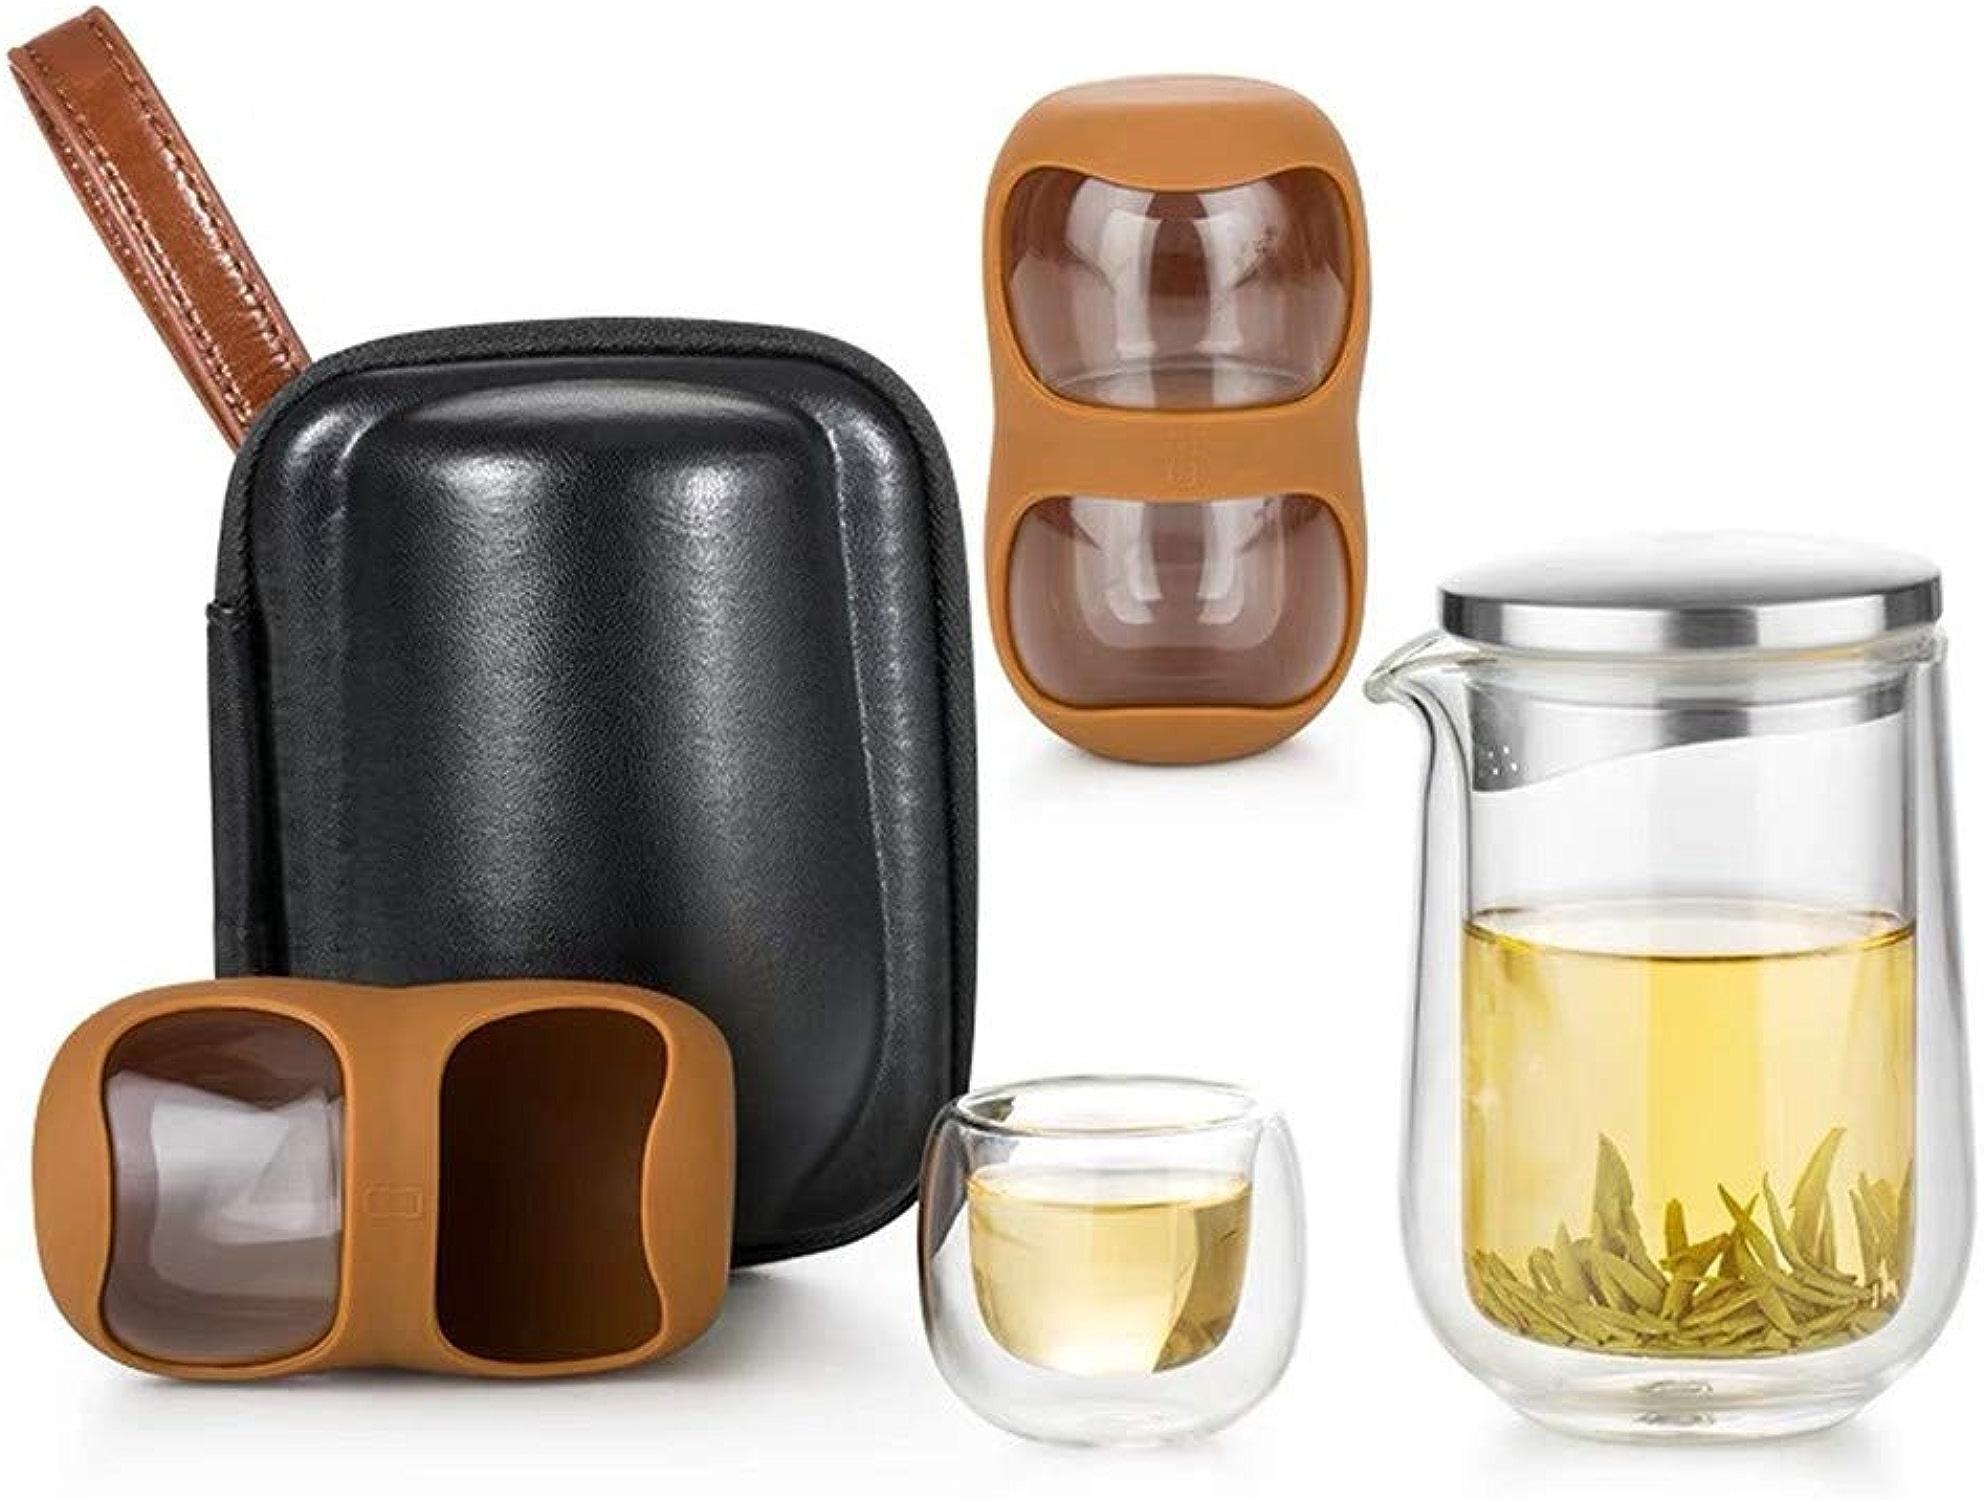 Hehh Tuoba Fish Ensemble de thé, Ensemble de Tasses en Verre de Voyage, Un Pot et Quatre Tasses, portable de Voyage créatif en Plein air